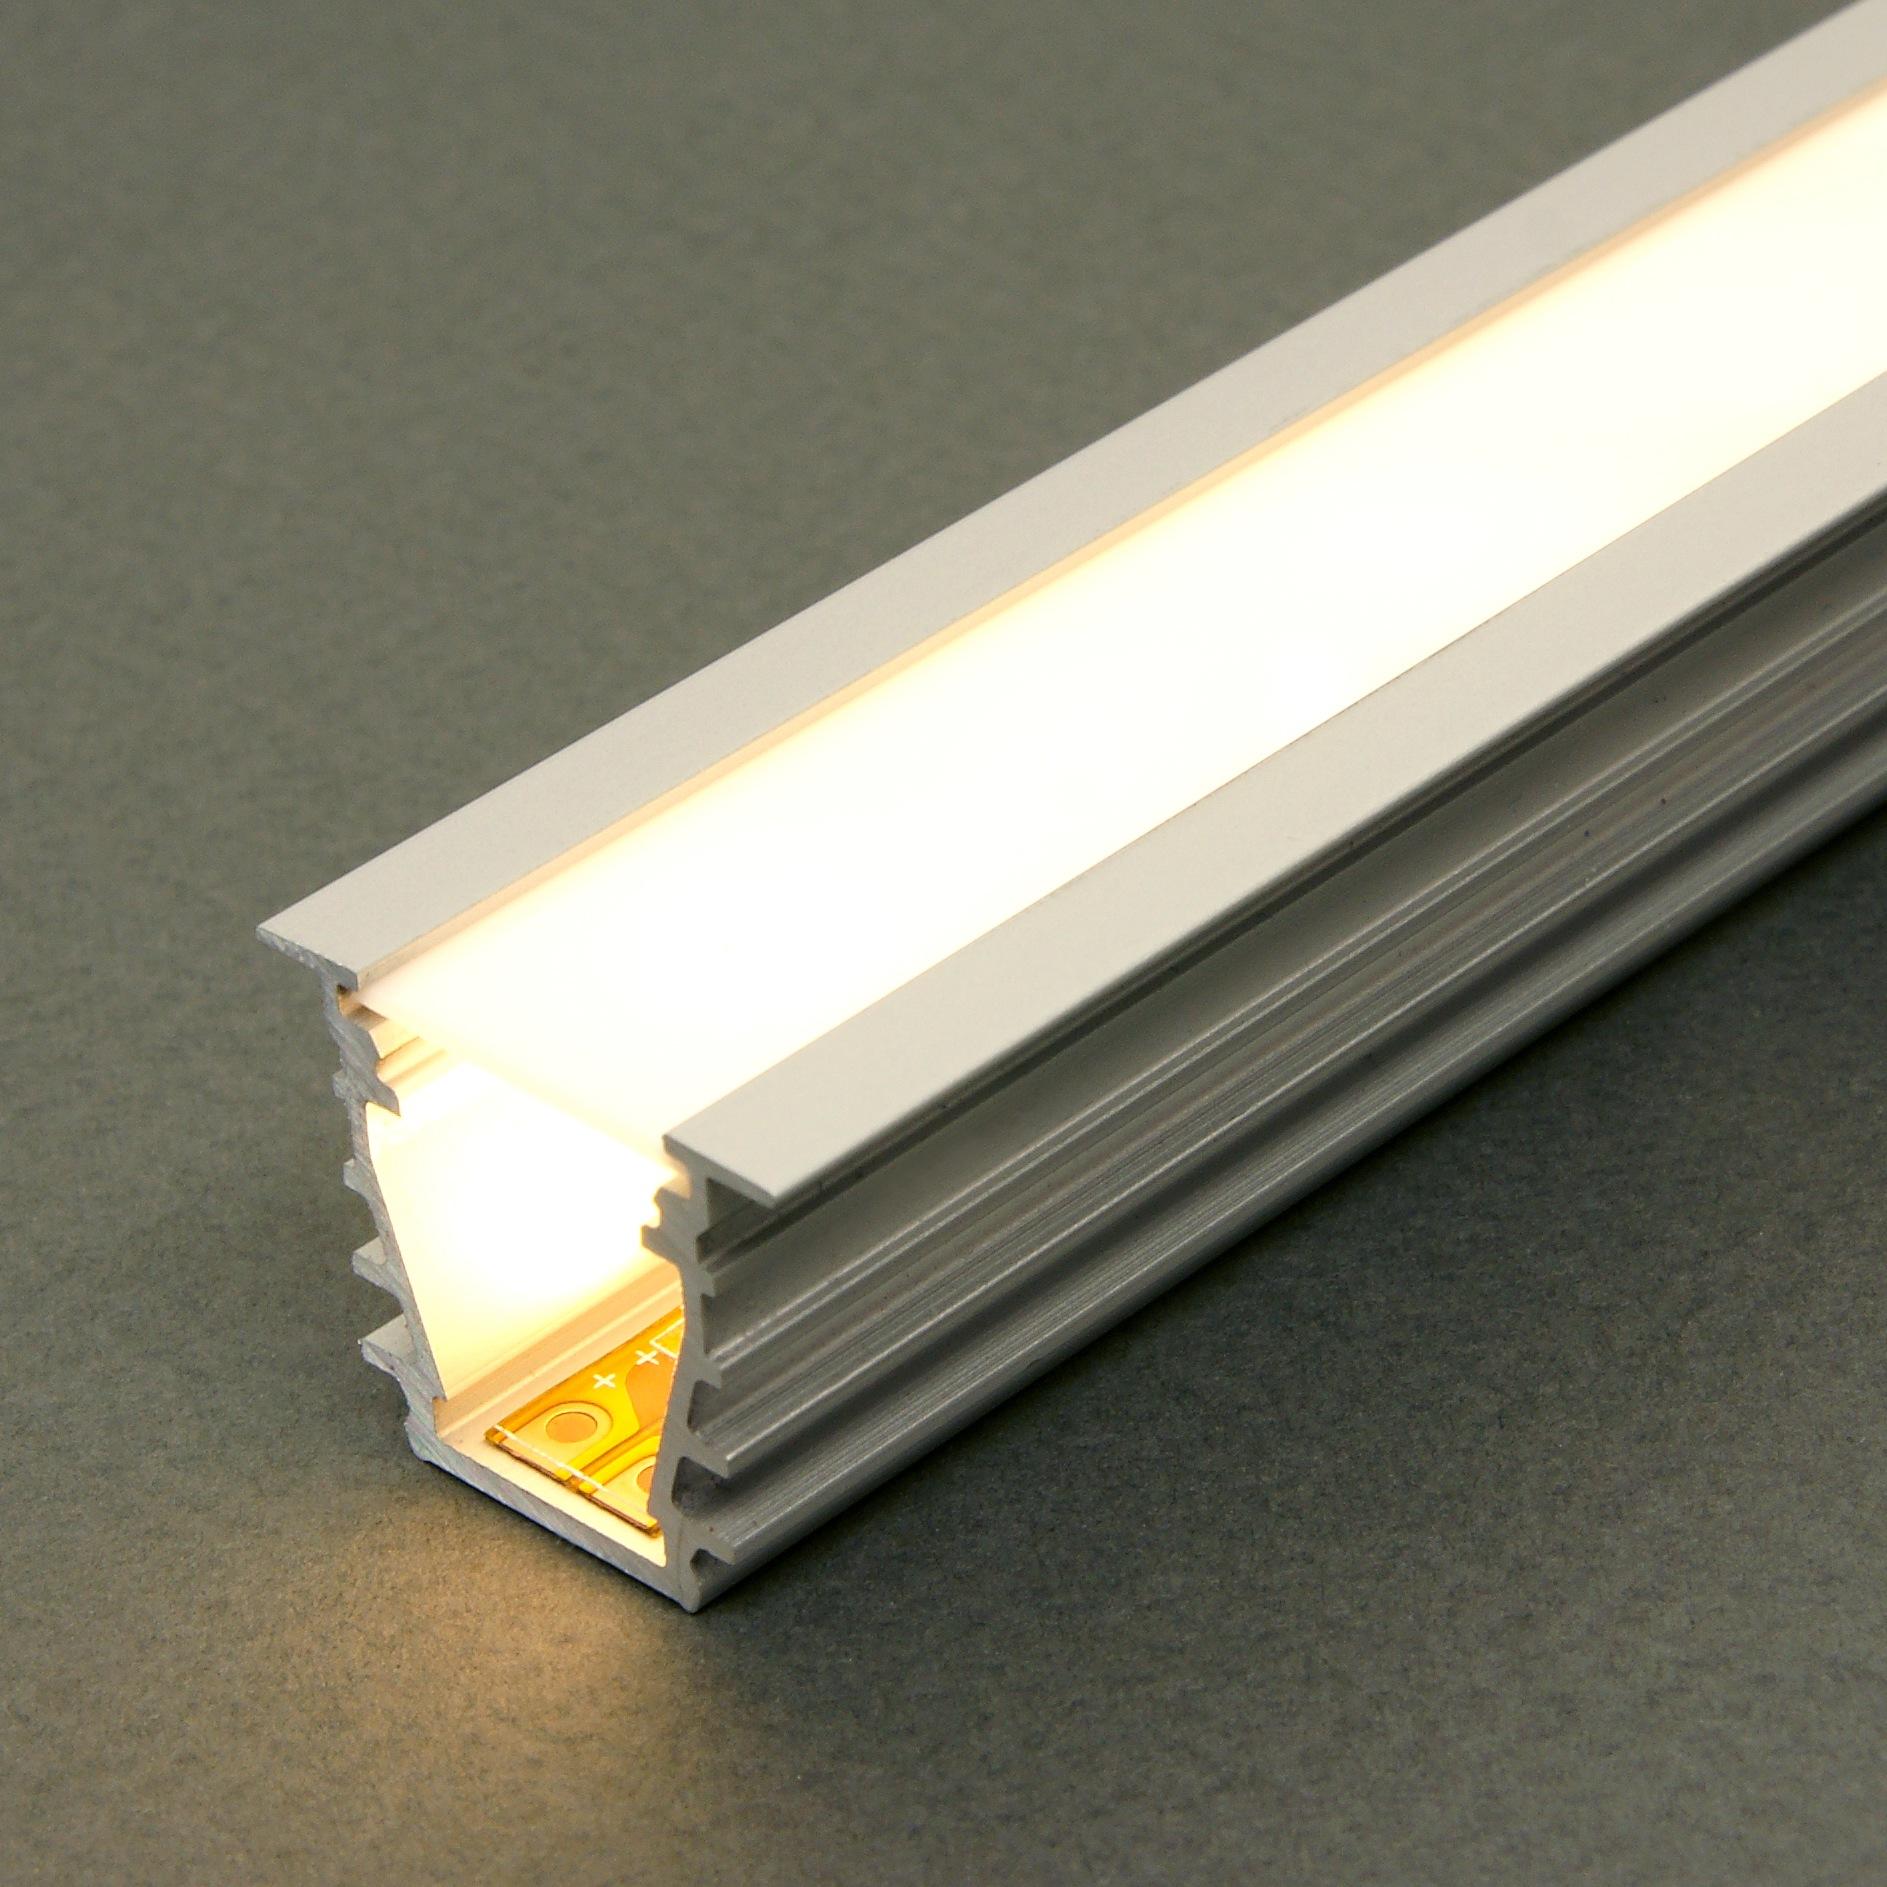 Kit profil s led aluminium profond deep 2m pour ruban led - Profile pour ruban led ...